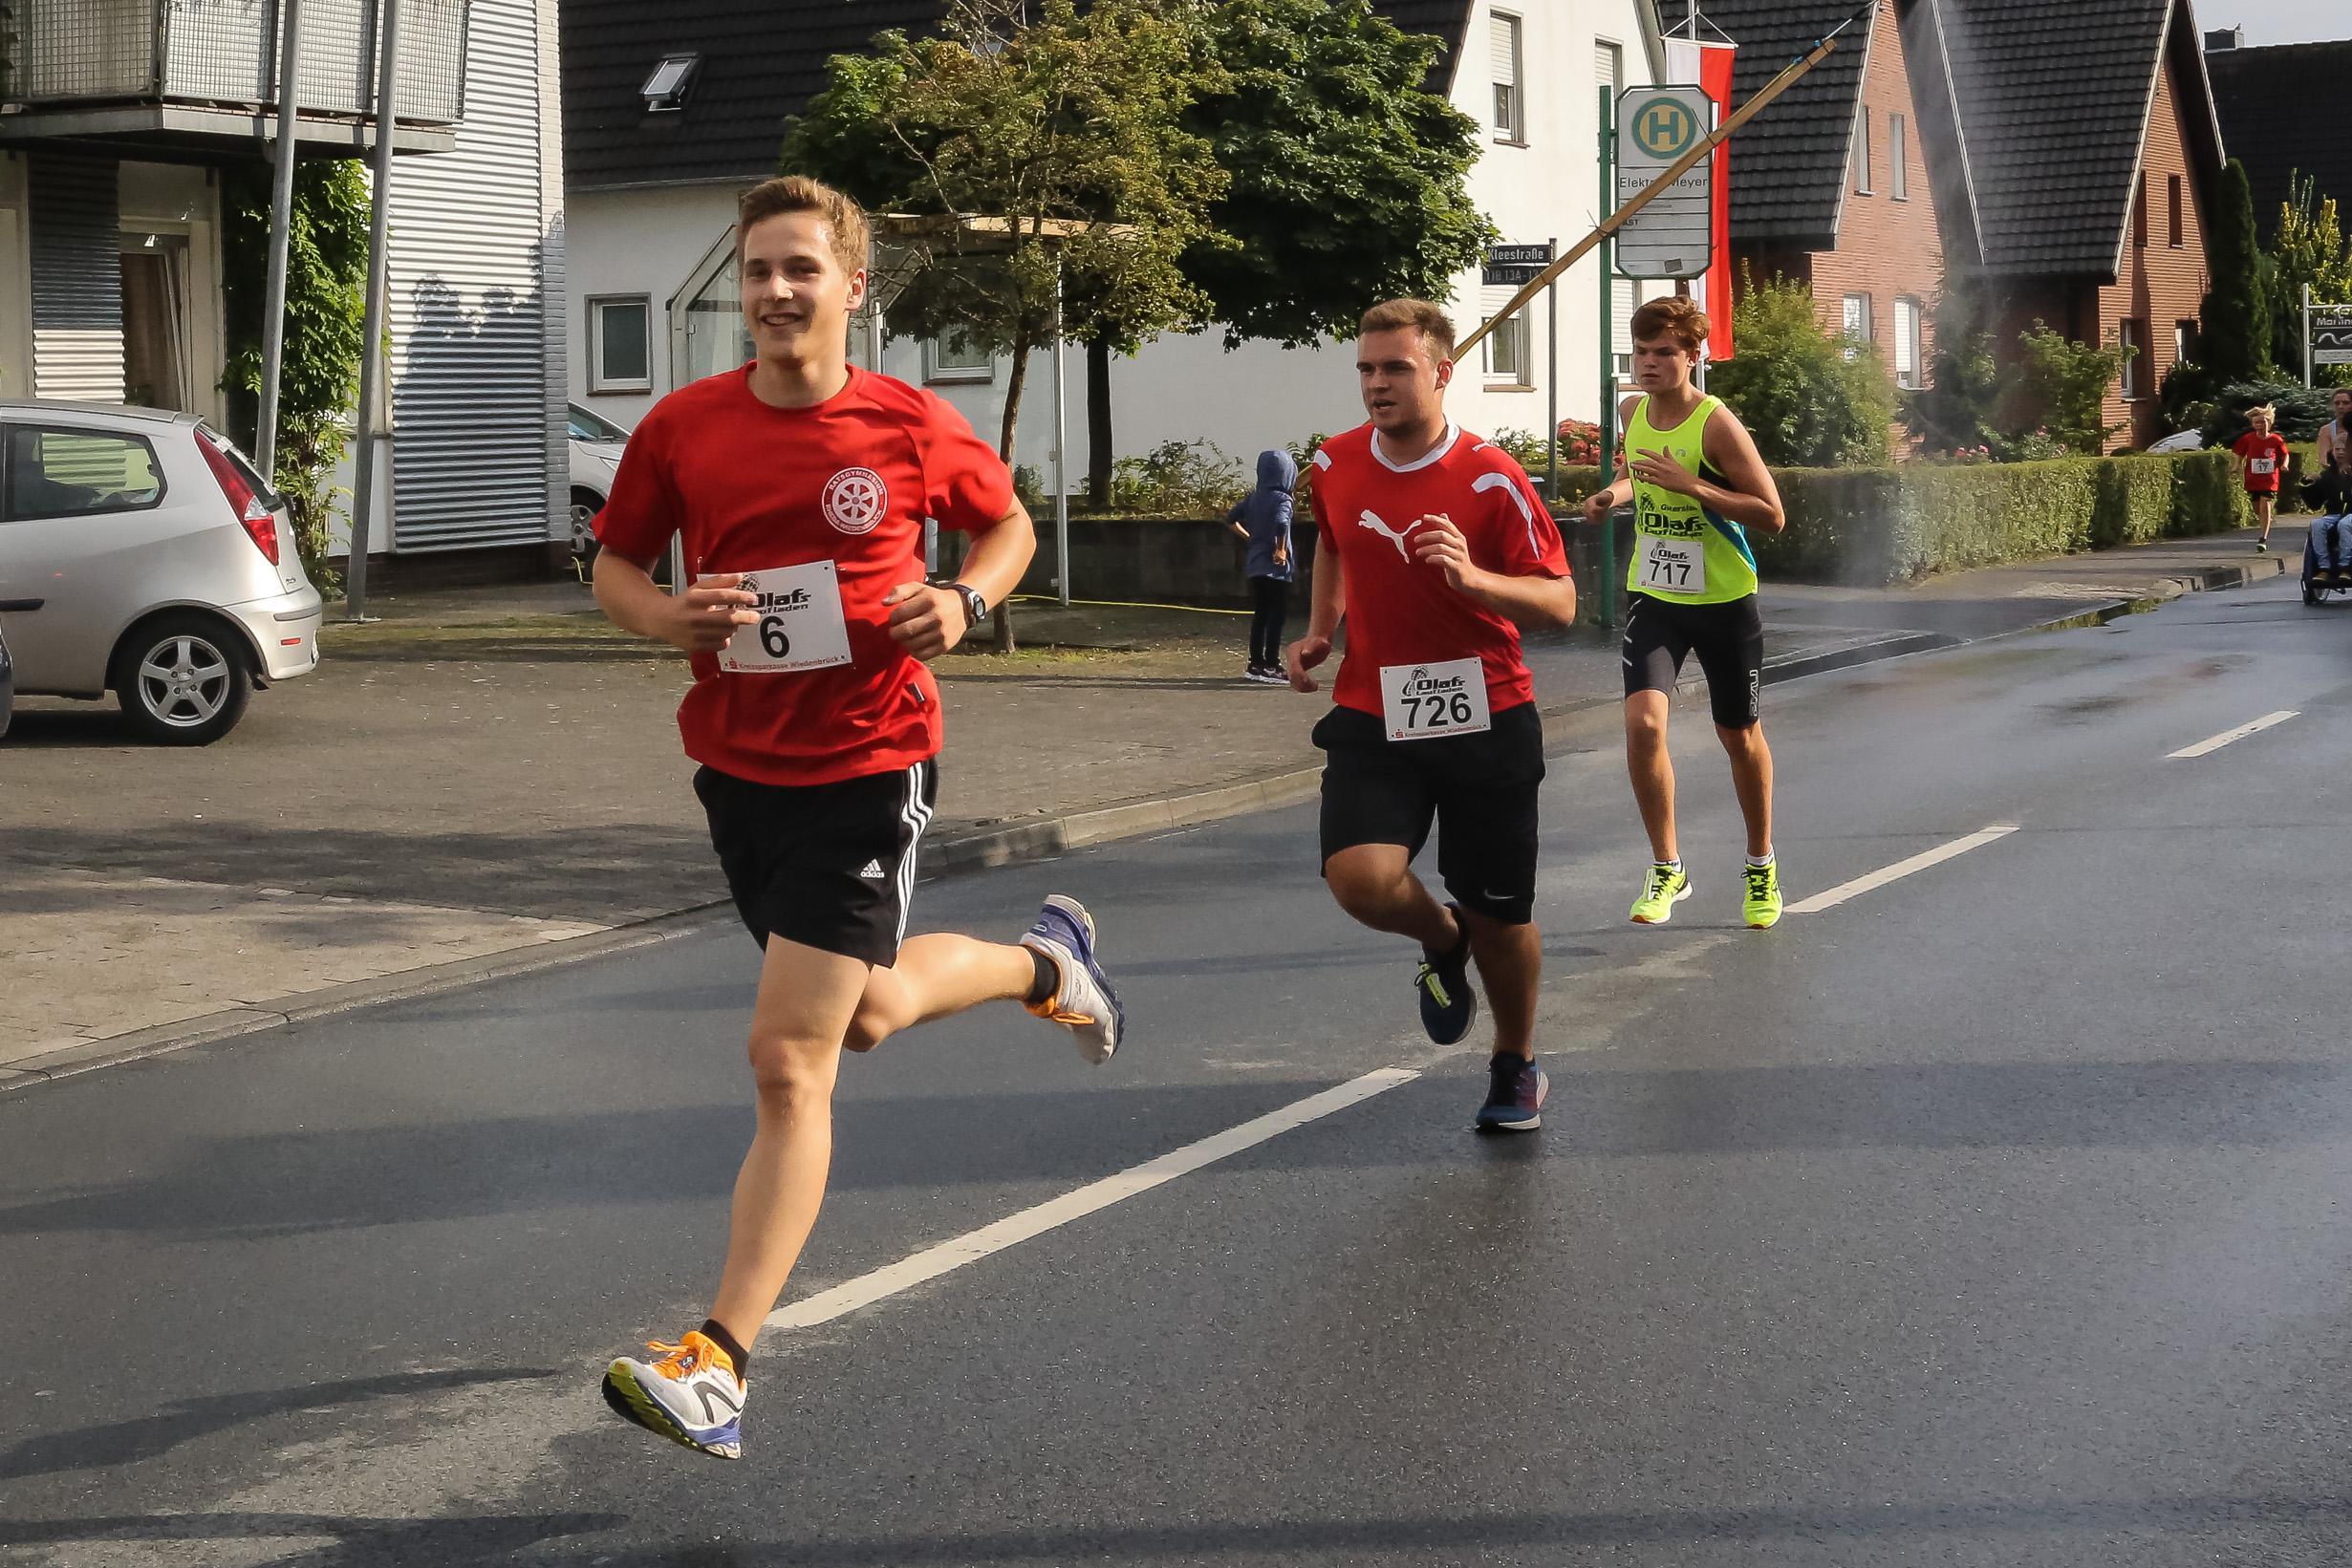 Laufen und Gutes tun 2017: Volkslauf in St. Vit